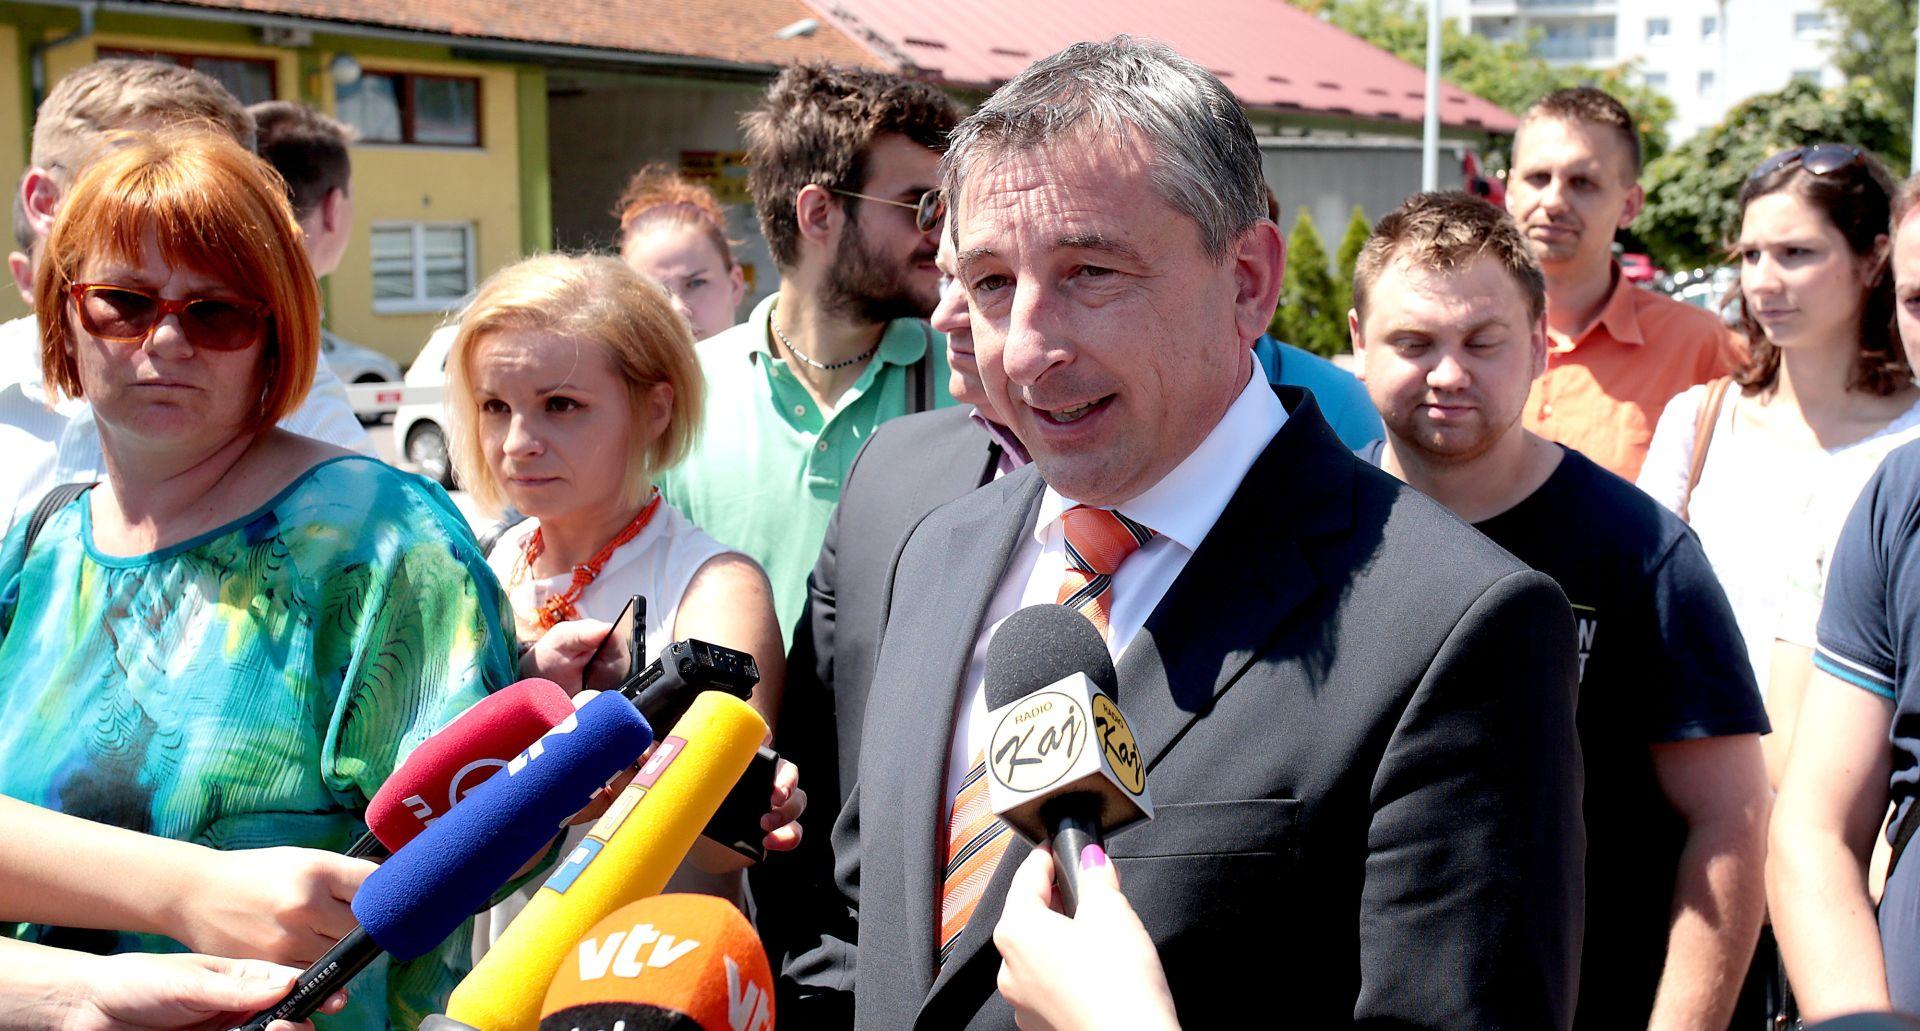 Štromar zaprijetio da će HNS izaći iz koalicije zbog ponašanja SDP-a oko sastavljanja lista